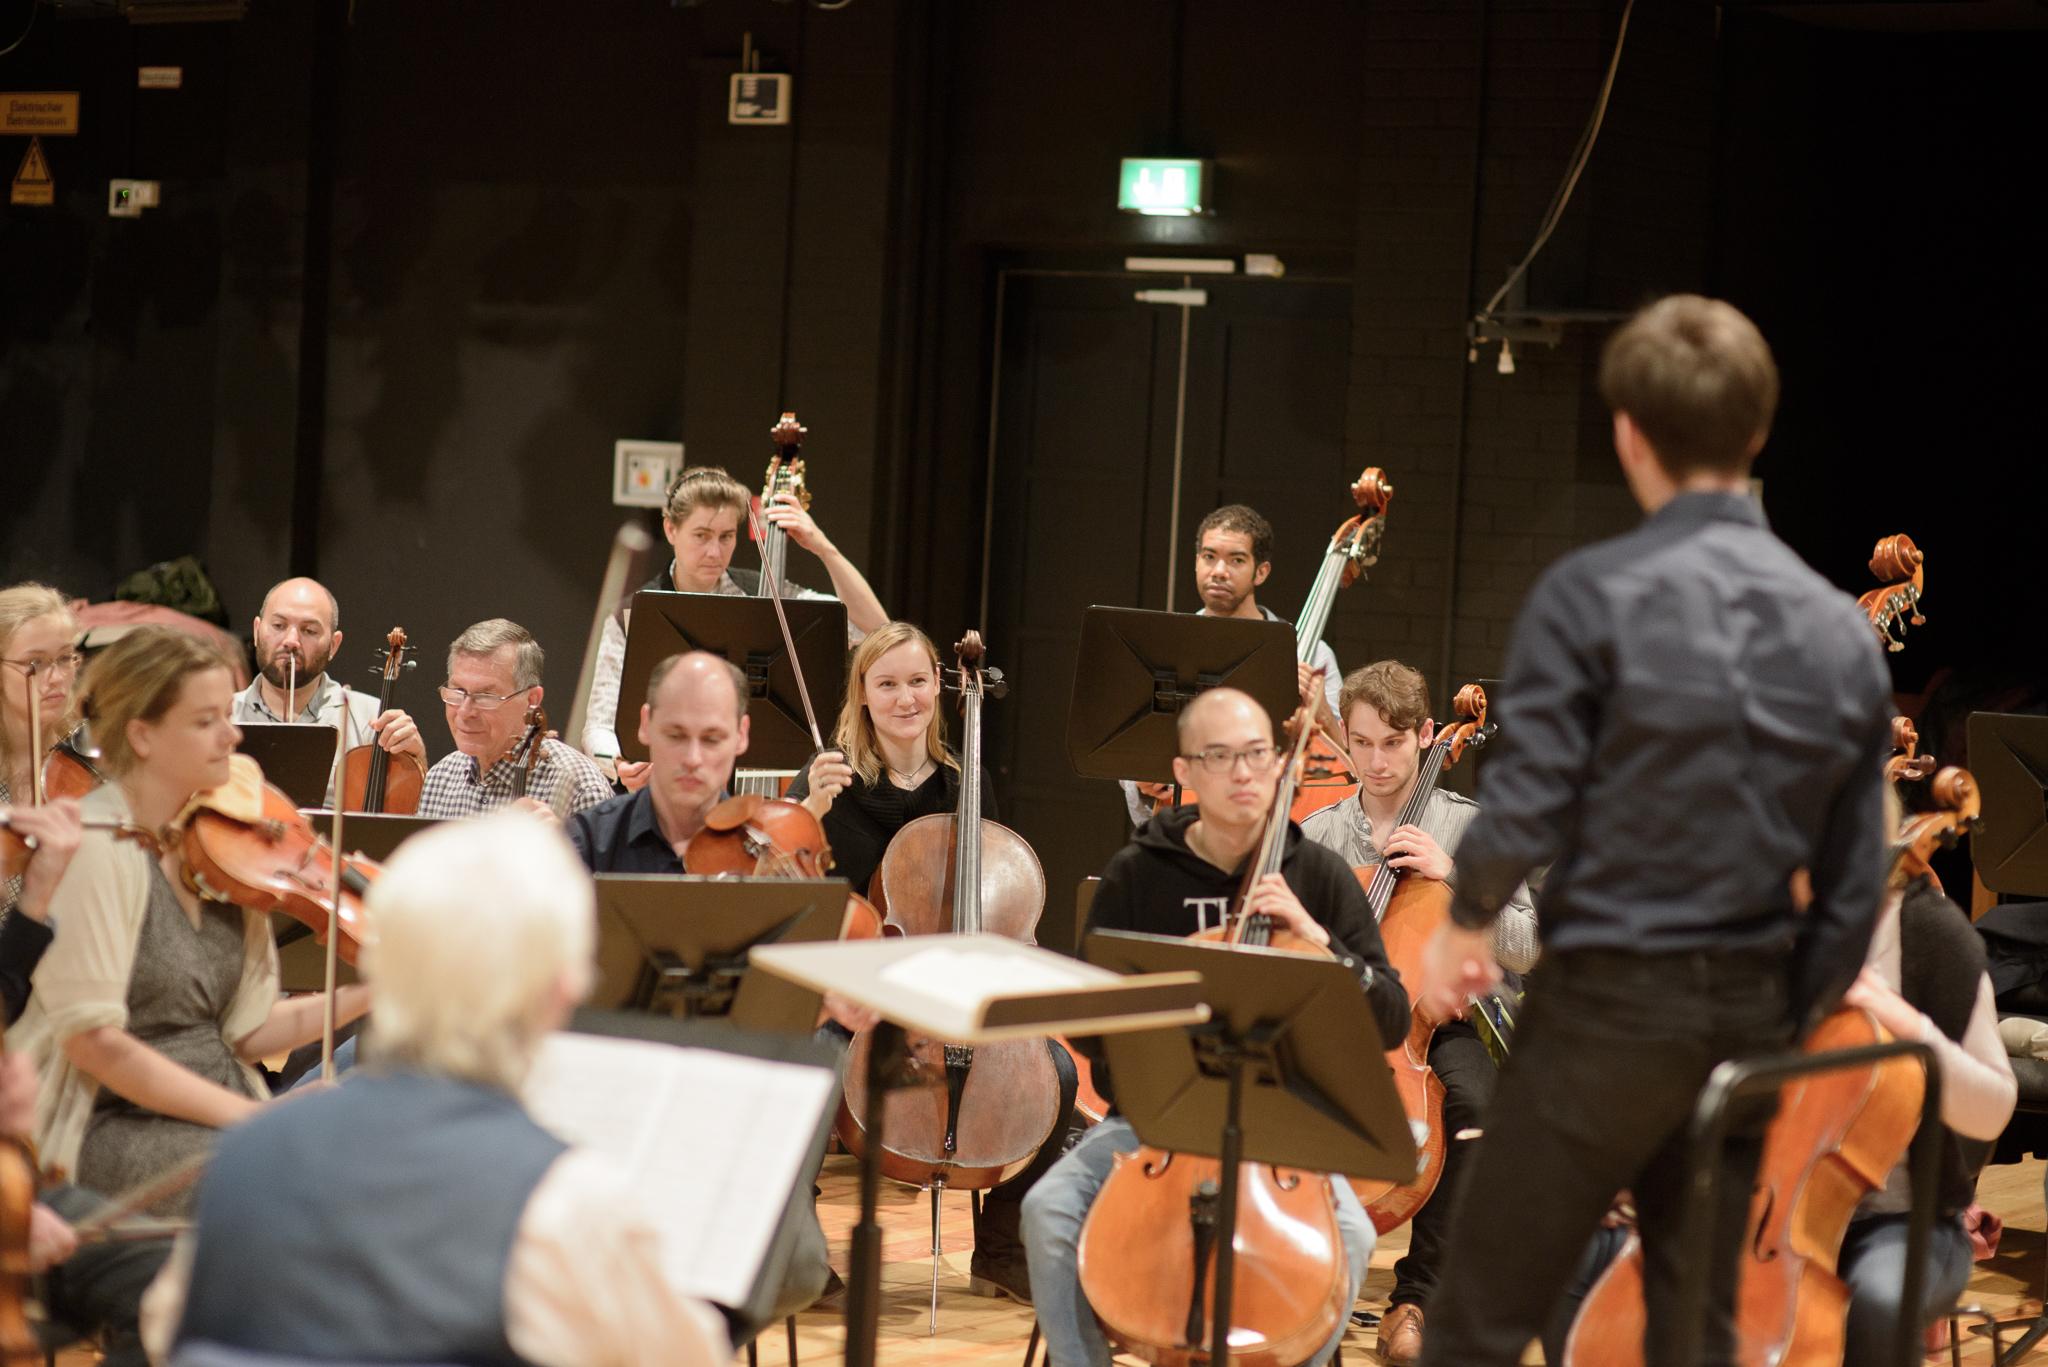 Das_kritische_Orchester-6563